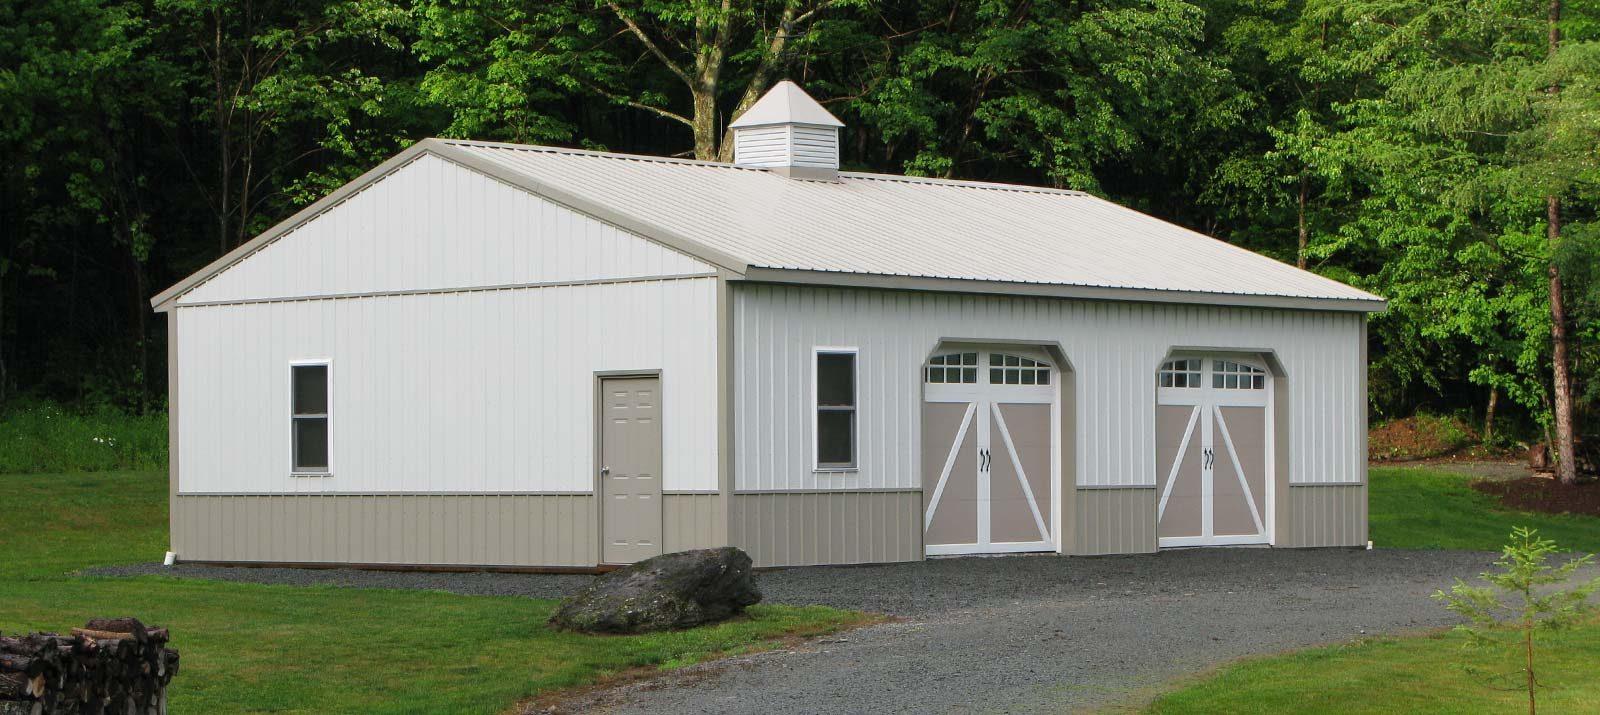 cb-slider-garages-storage-2